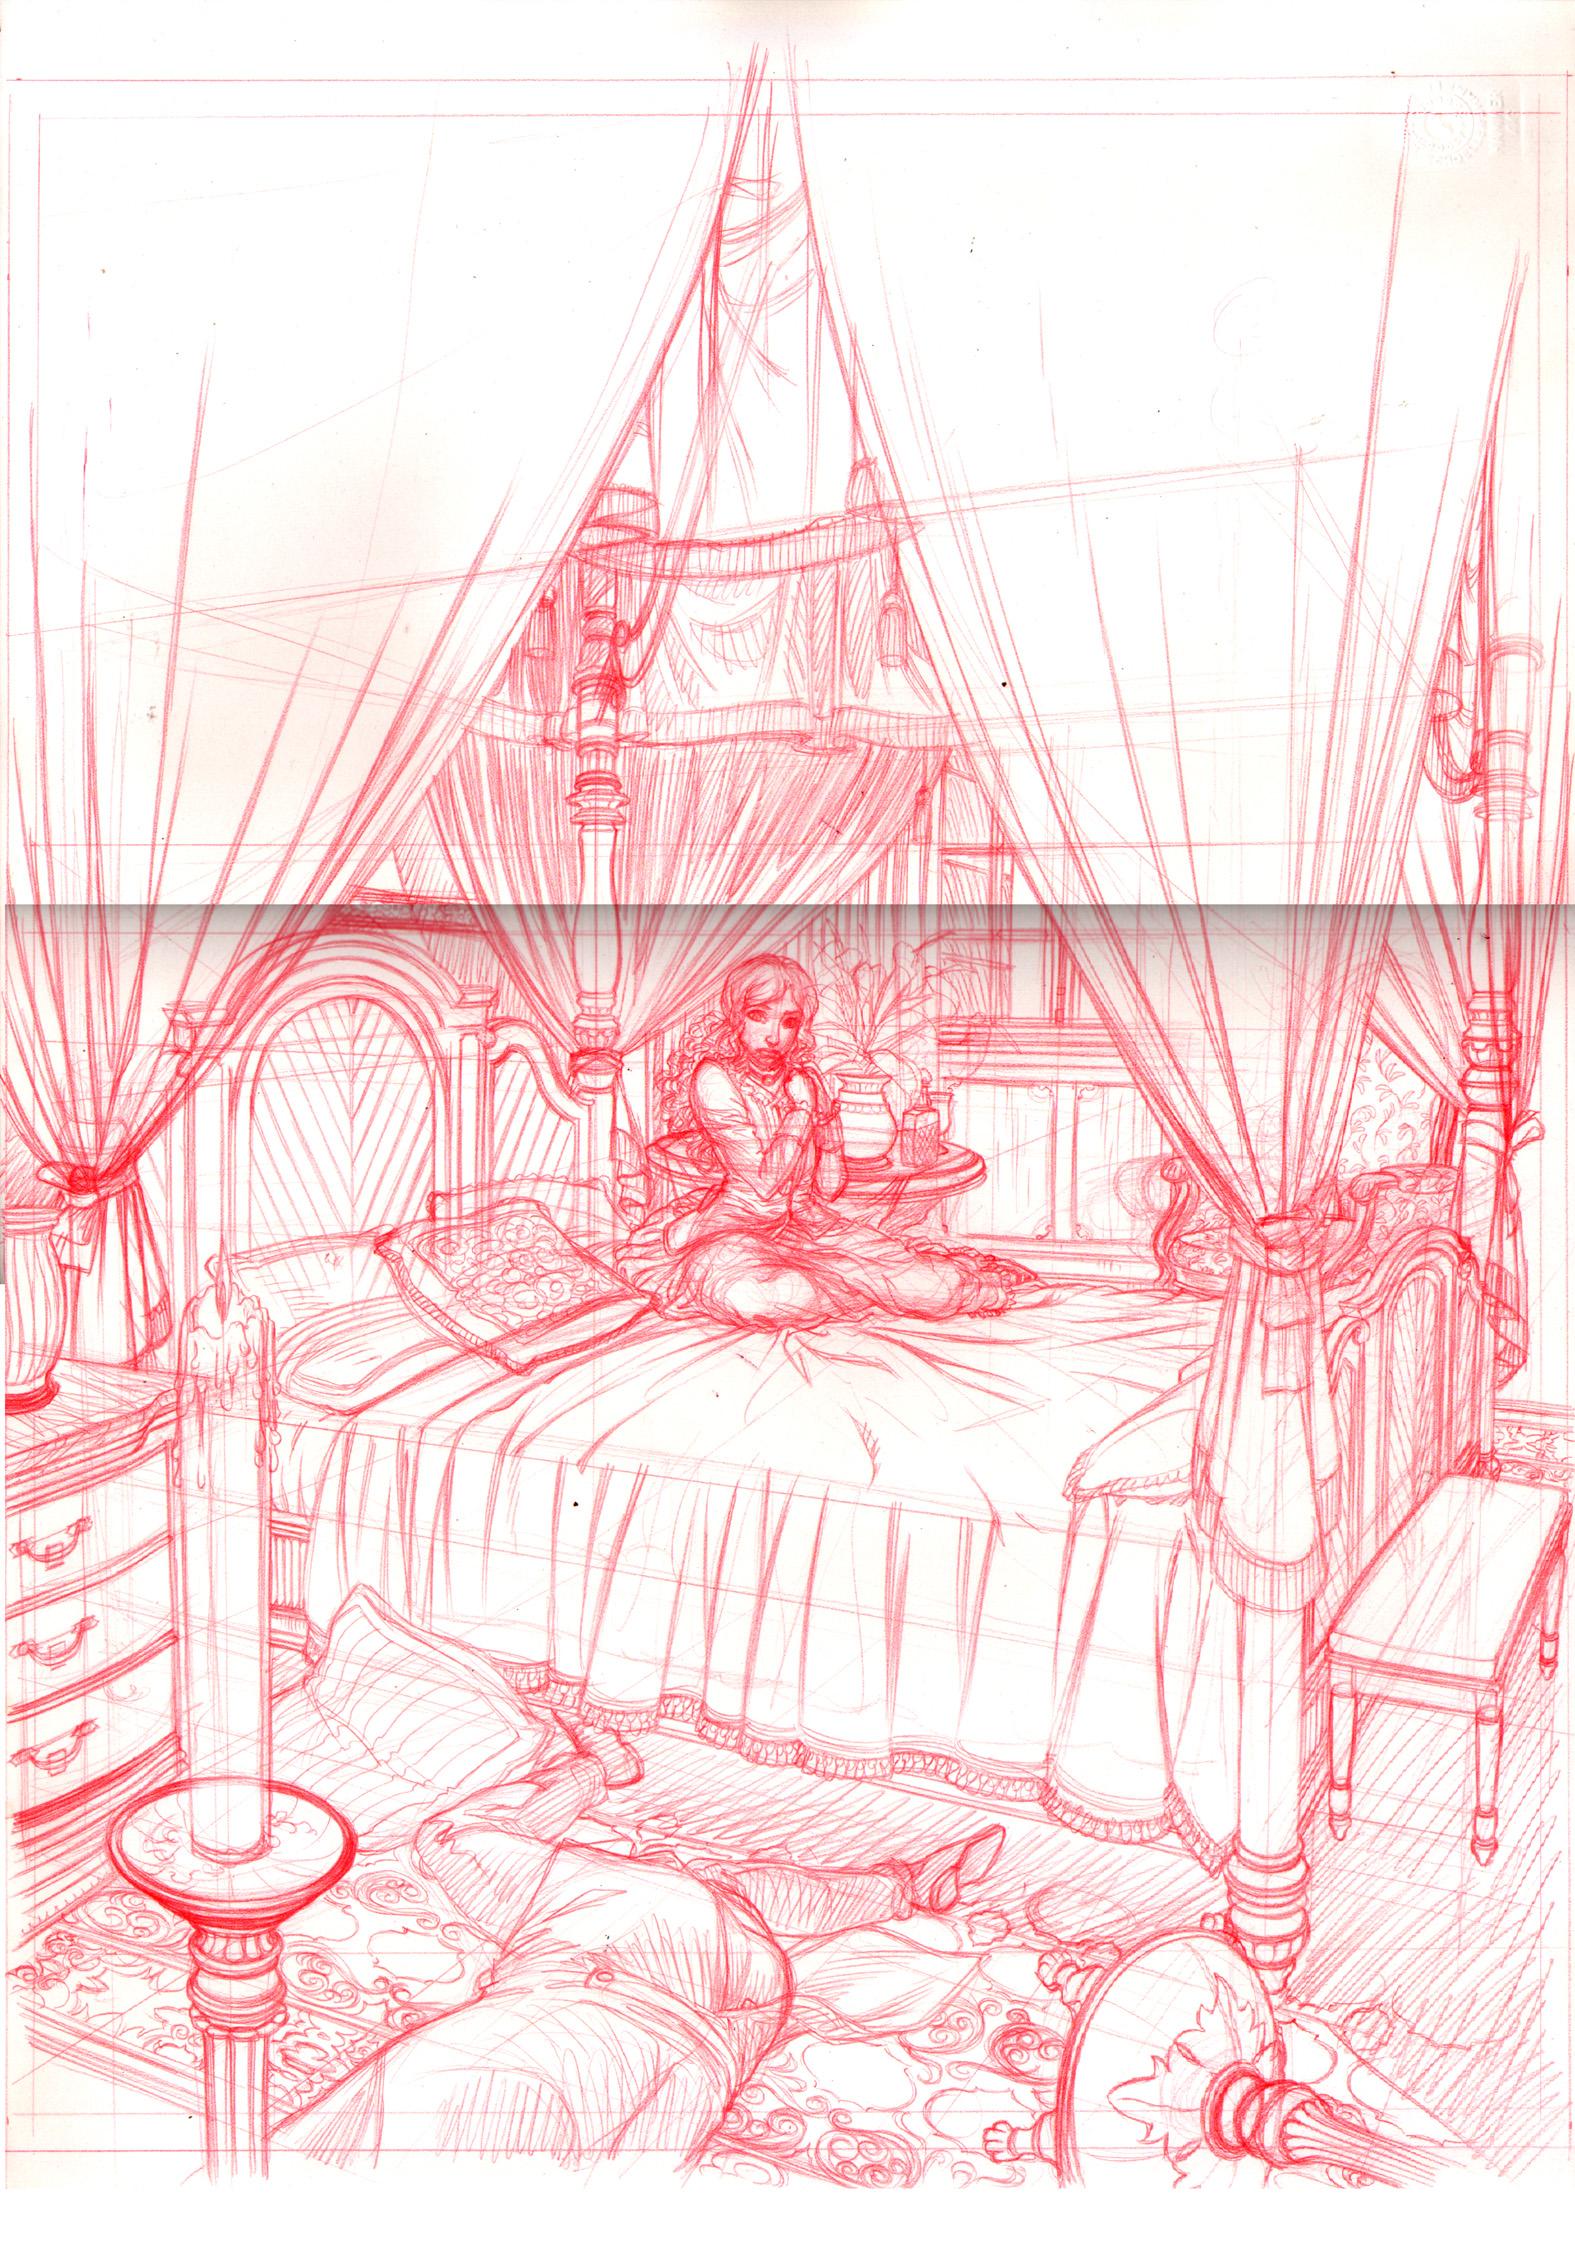 Crayonné pour la version définitive de la couverture du tome 2